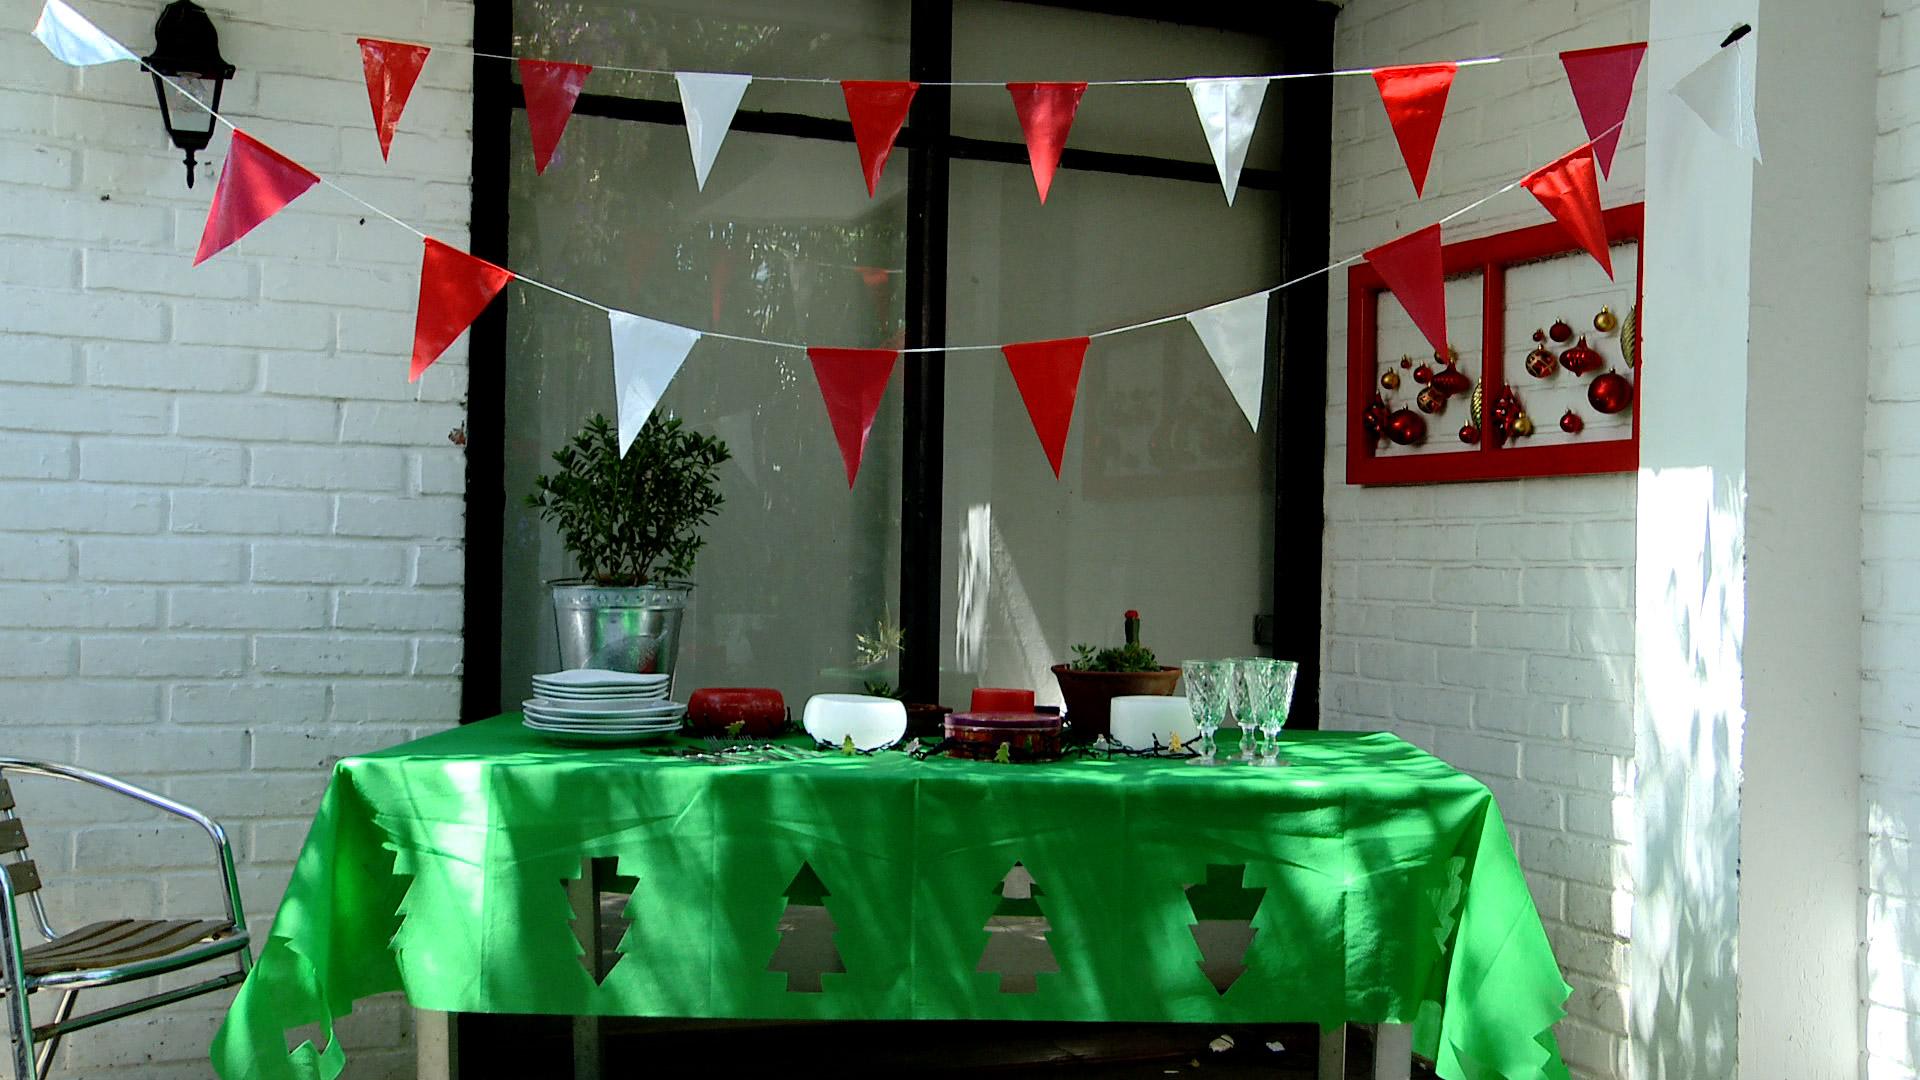 La decoración de una fiesta importante como el cumpleaños, la Navidad o fin de año puede estar a cargo de los niños, ya que con este proyecto les mostraremos cómo hacer manteles rectangulares con diseños y banderines para colgar como guirnaldas.